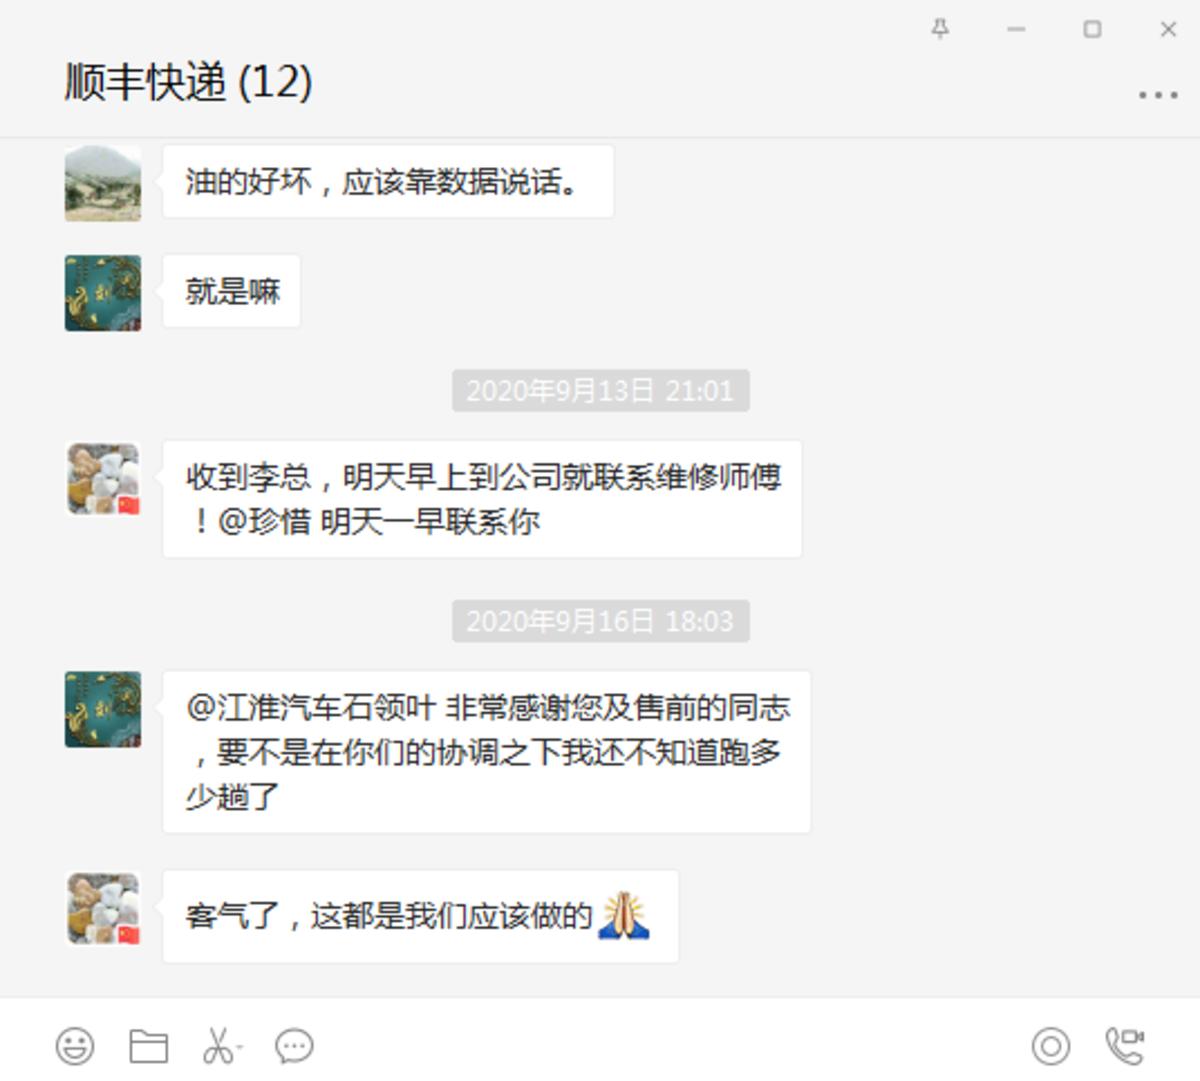 邯郸顺丰备战双十一,司机师傅为何都买了江淮帅铃?